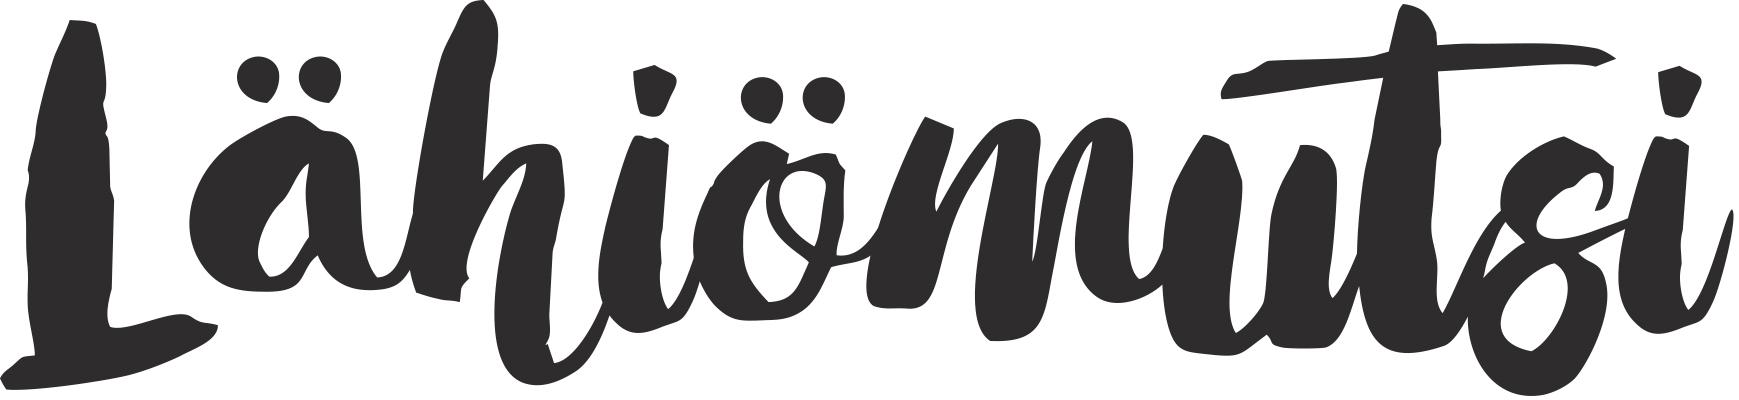 Lähiömutsi - Ajatuskoostamo + perheblogi